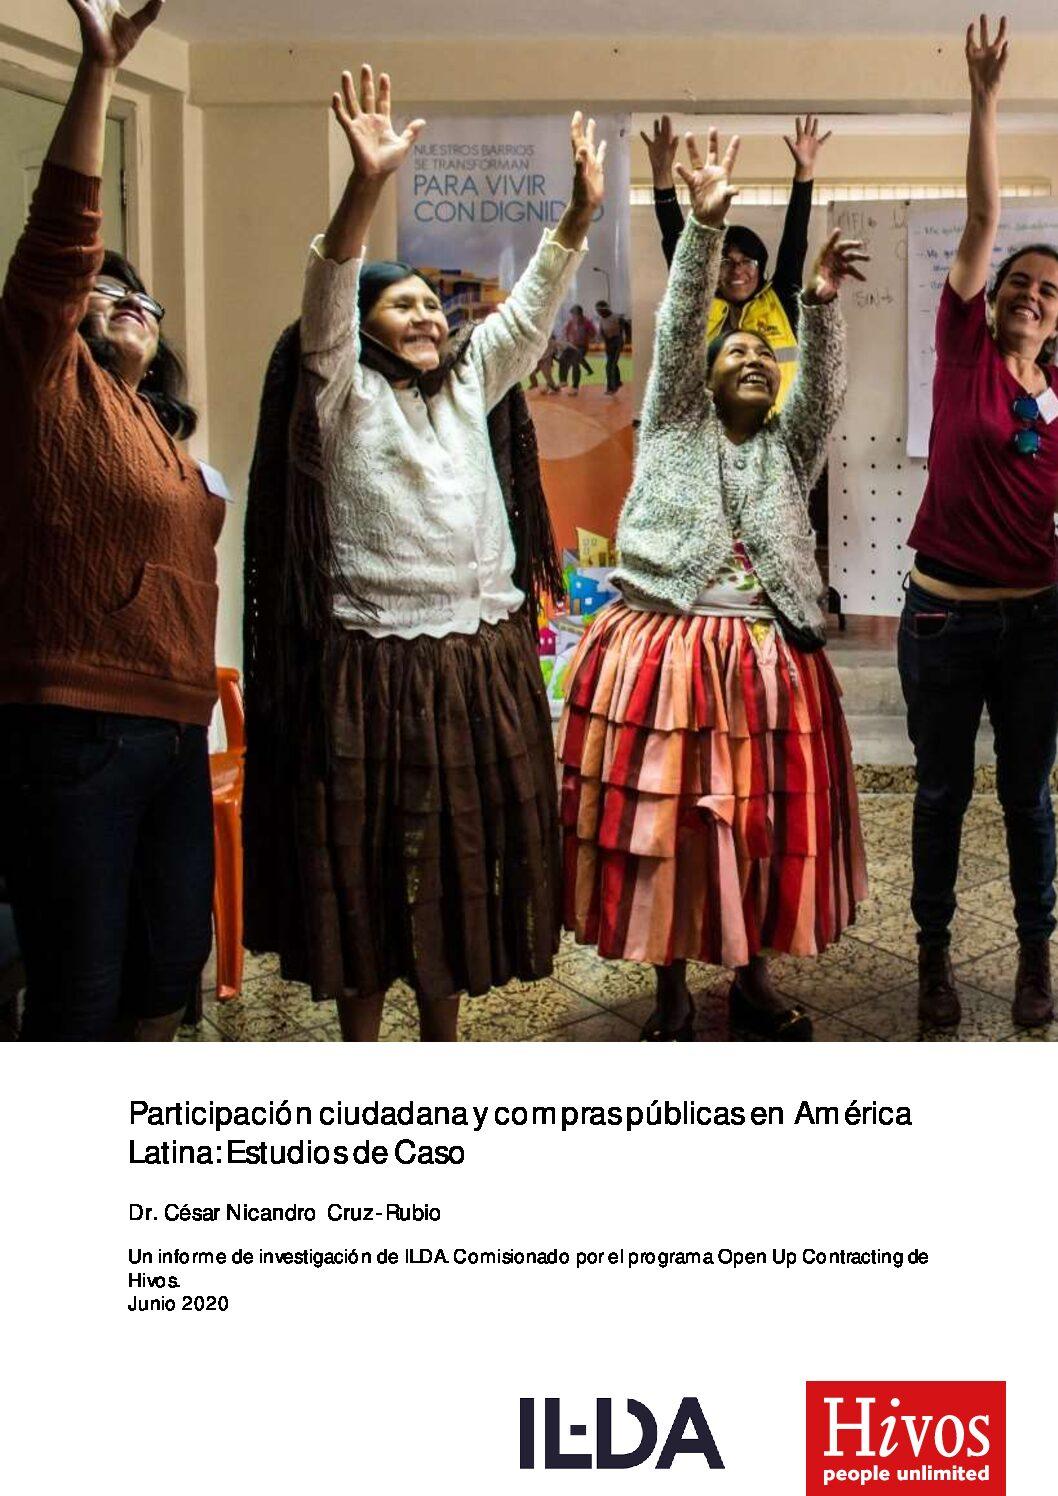 Participacion Ciudadana y Compras Publicas en America-Latina: Casos de Estudio